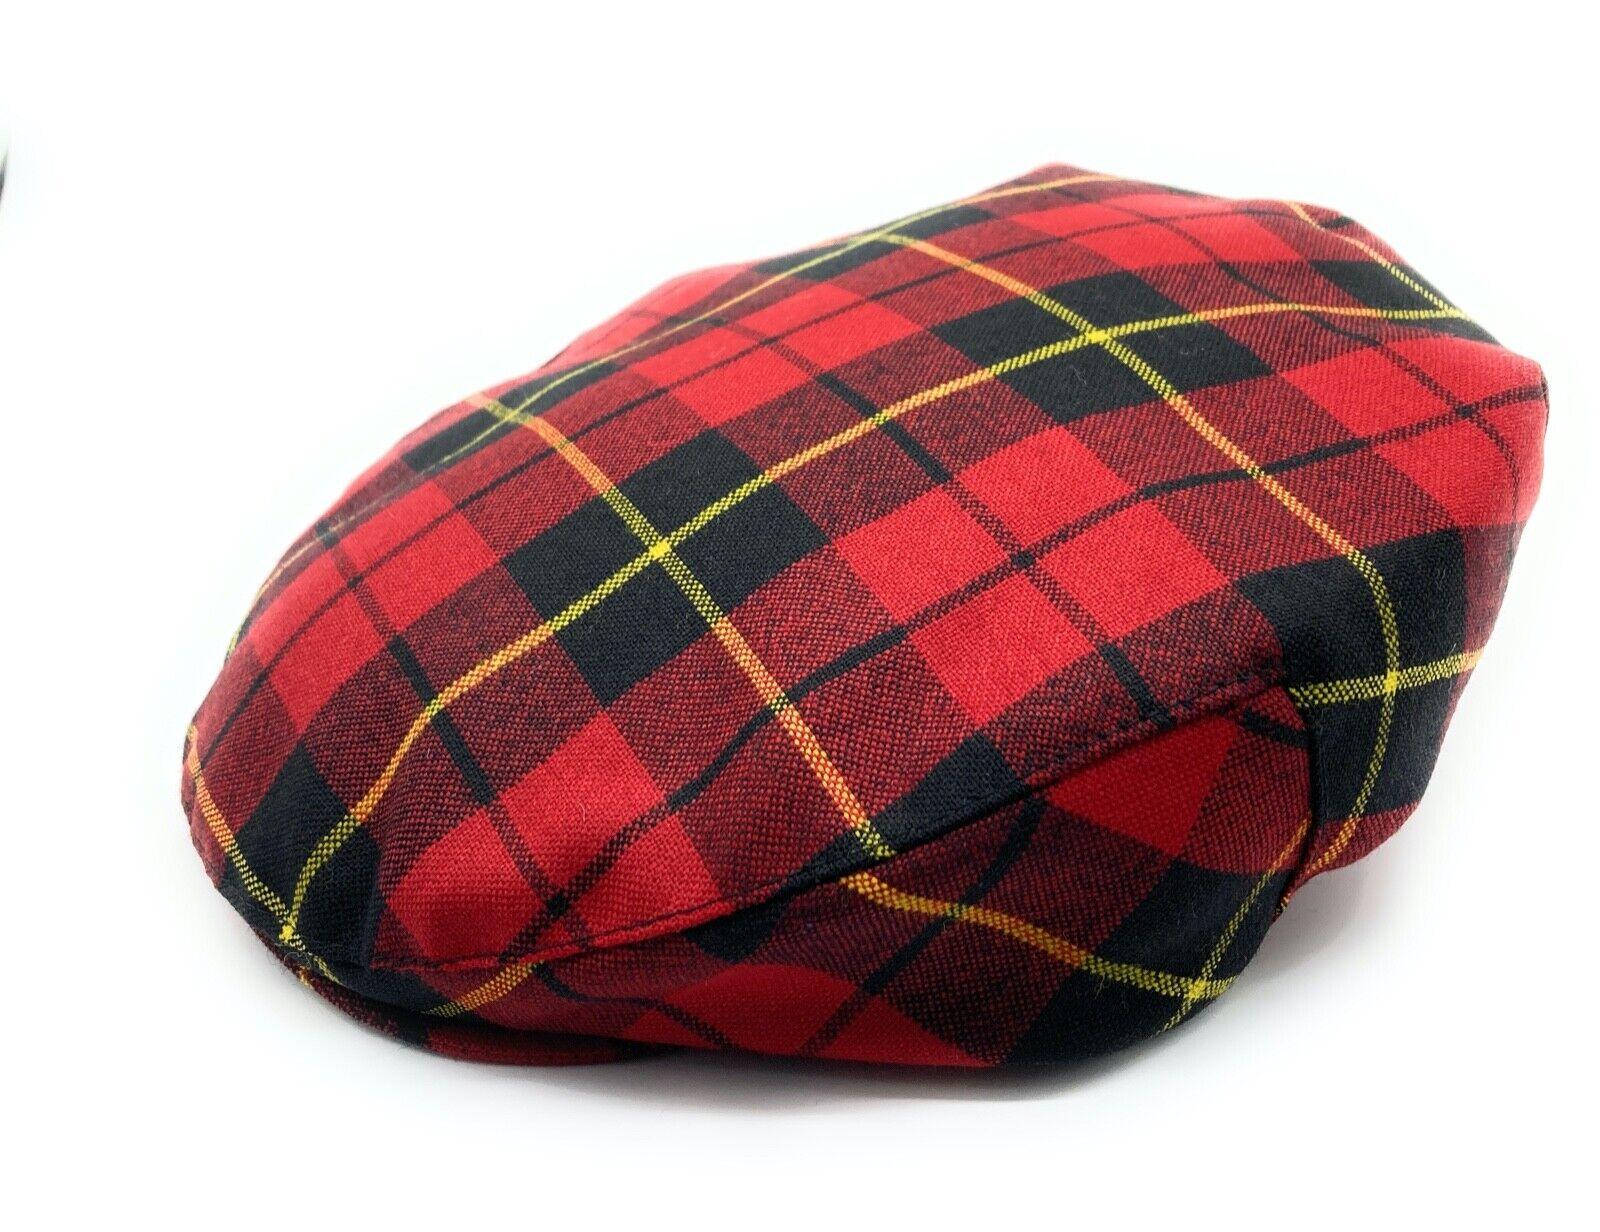 Herren Reine Wolle Wallace Tartan One Größe Flach Kappe - Hergestellt IN